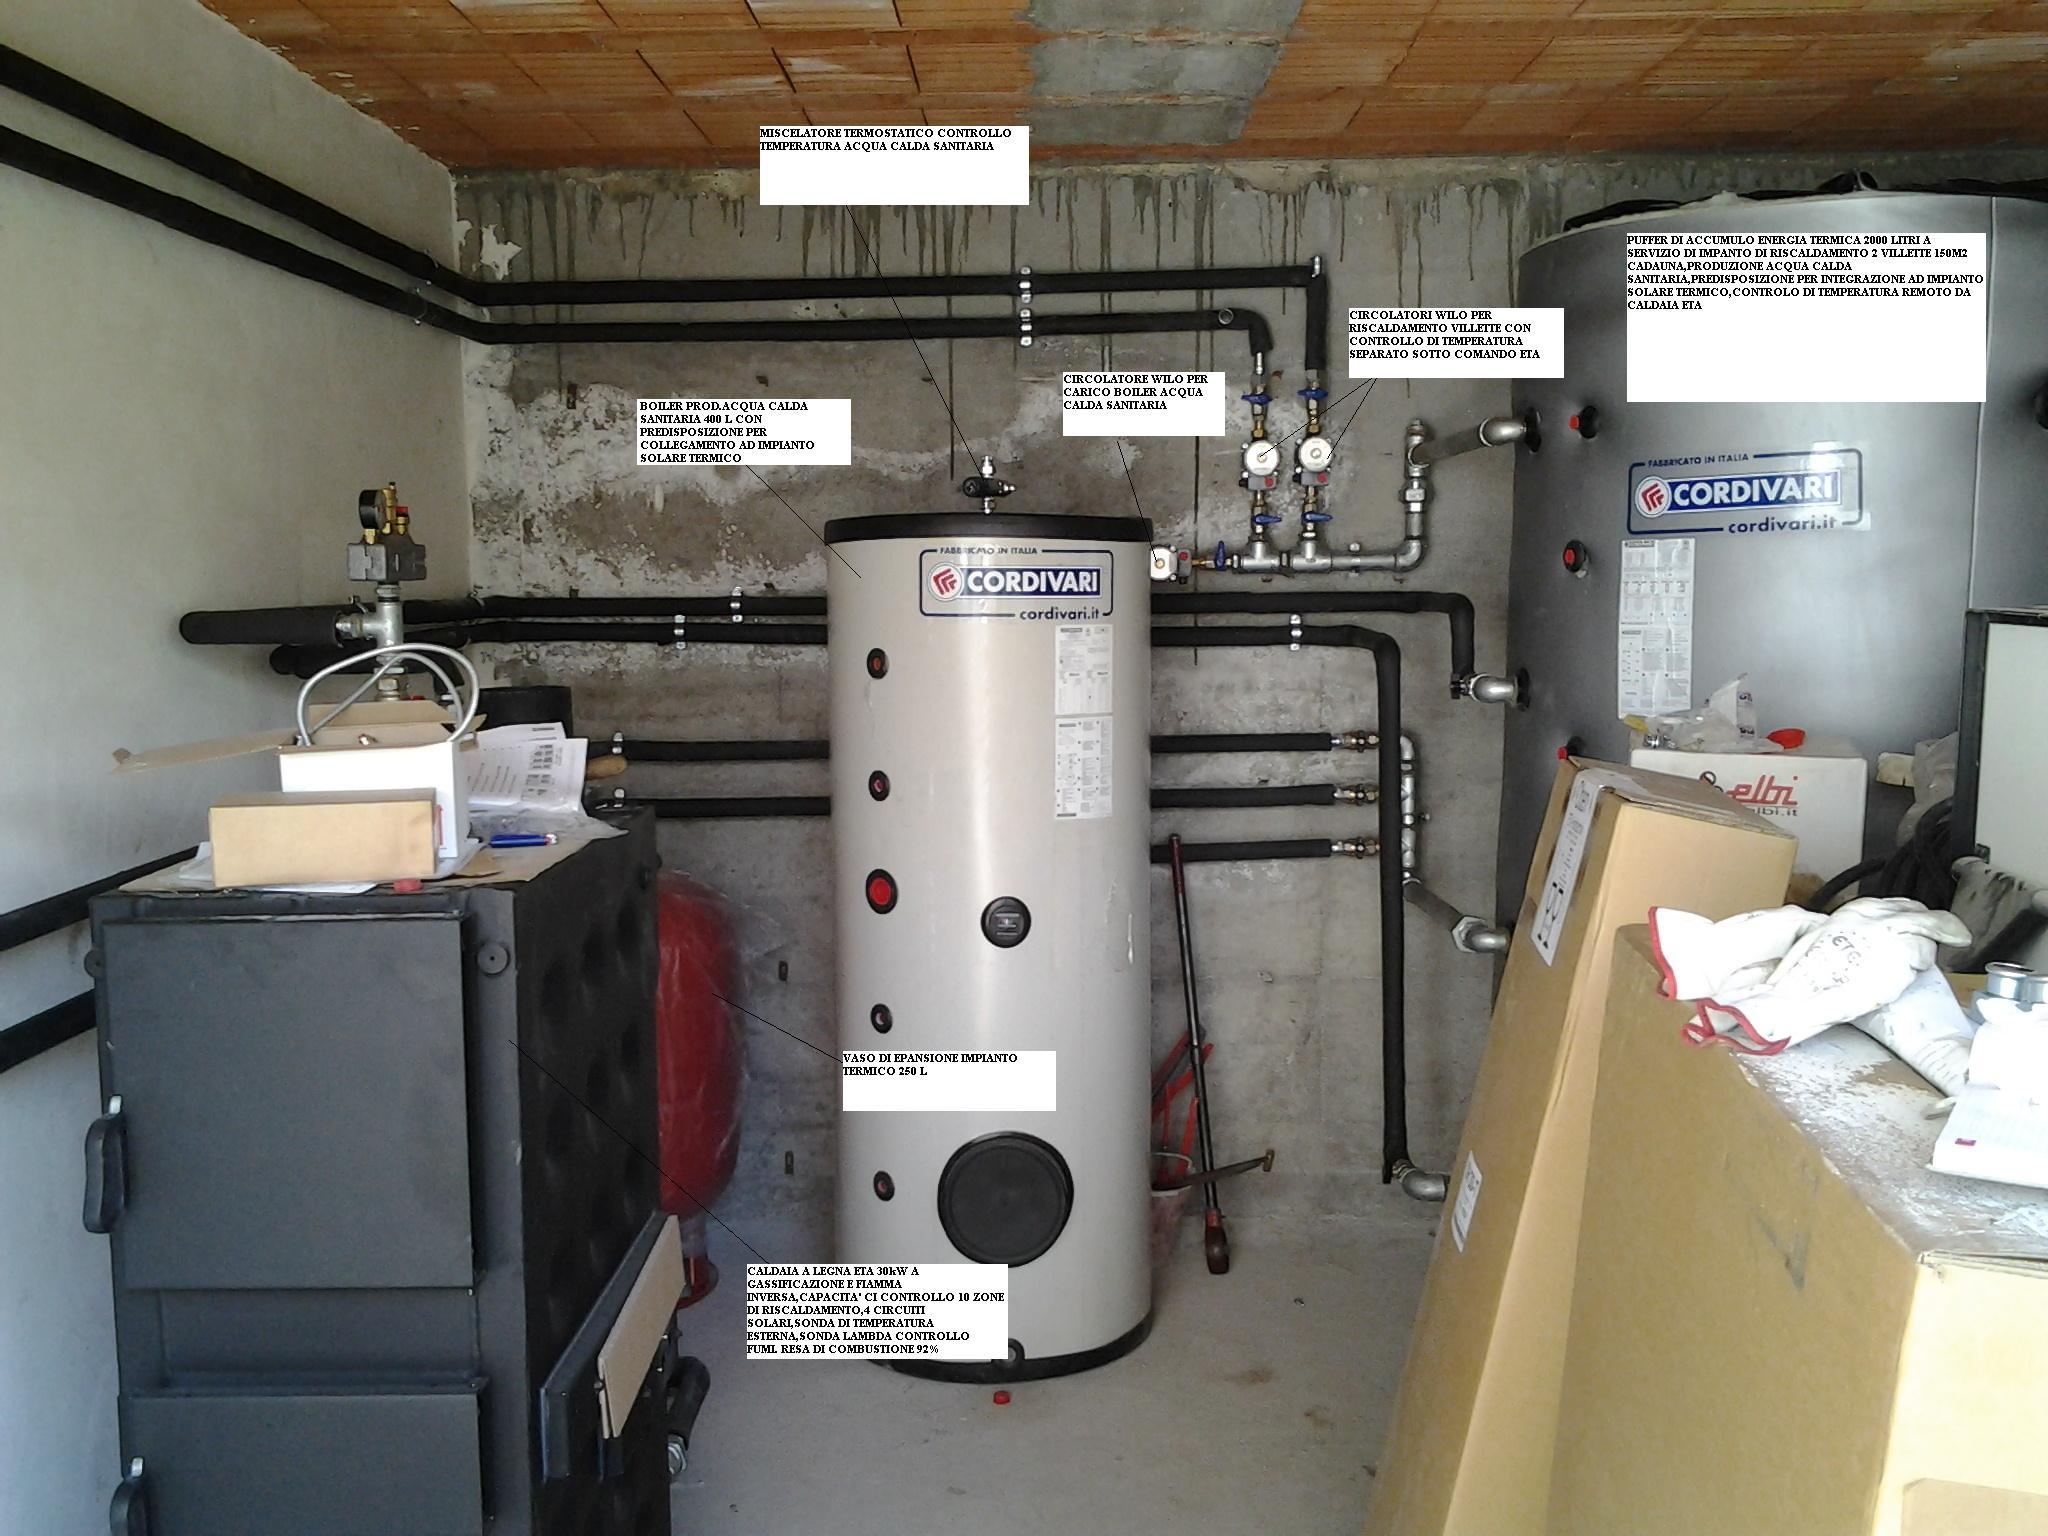 Temperatura Caldaia Impianto A Pavimento biomasse la spezia - coltella tecnica